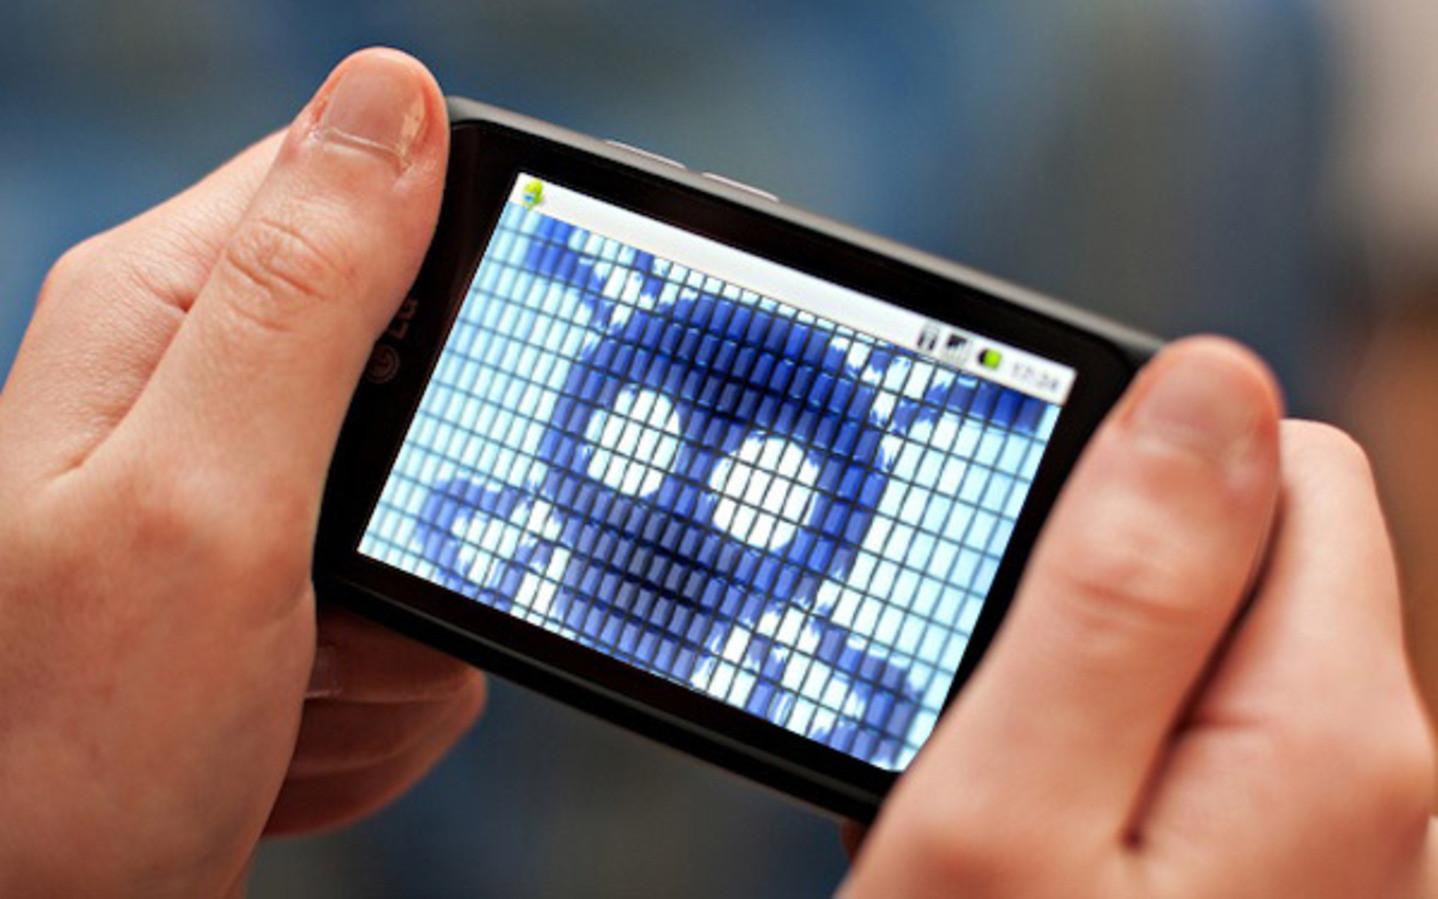 вирус для кражи денег на телефоне Меня